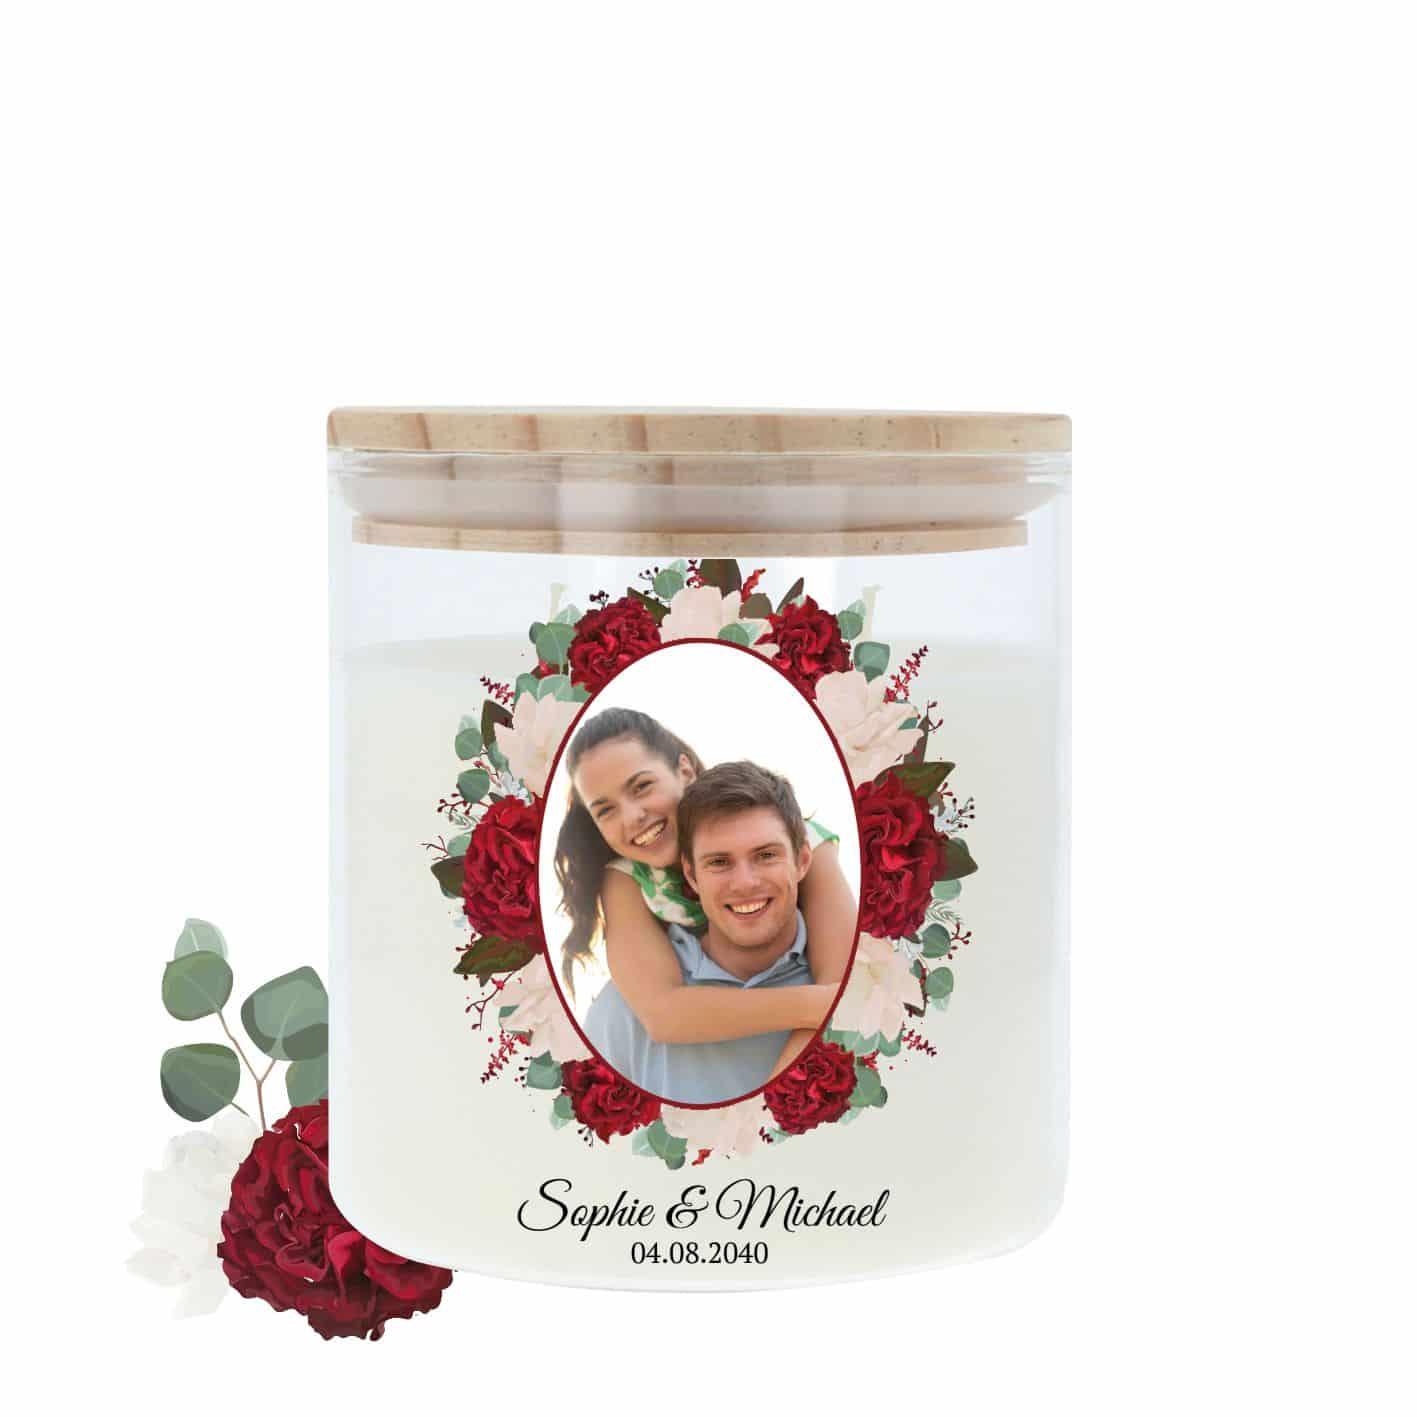 Hochzeitskerze im Glas mit hellem Holzdeckel und einer Rosenumrahmung